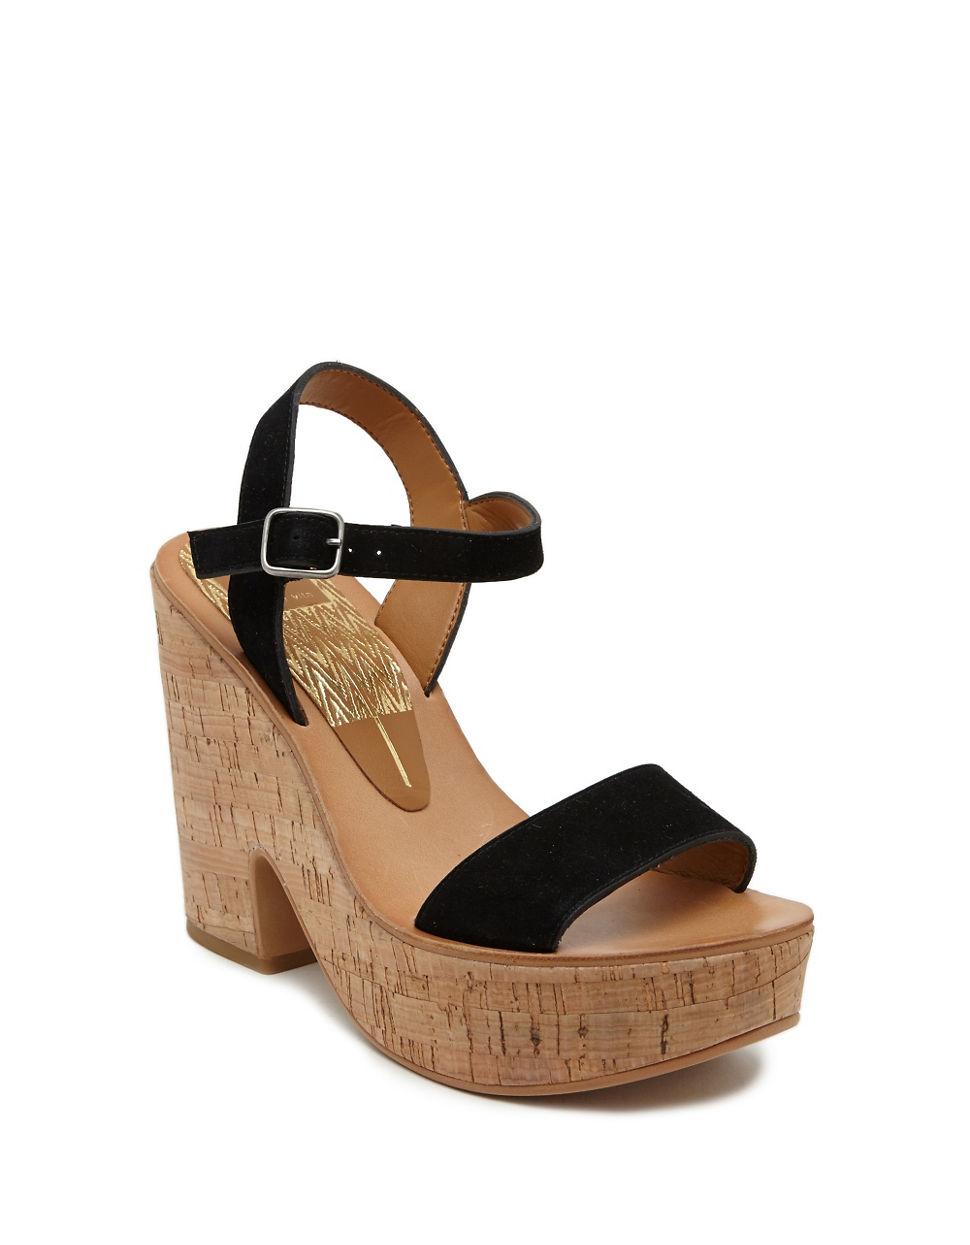 dolce vita randi suede platform sandals in black lyst